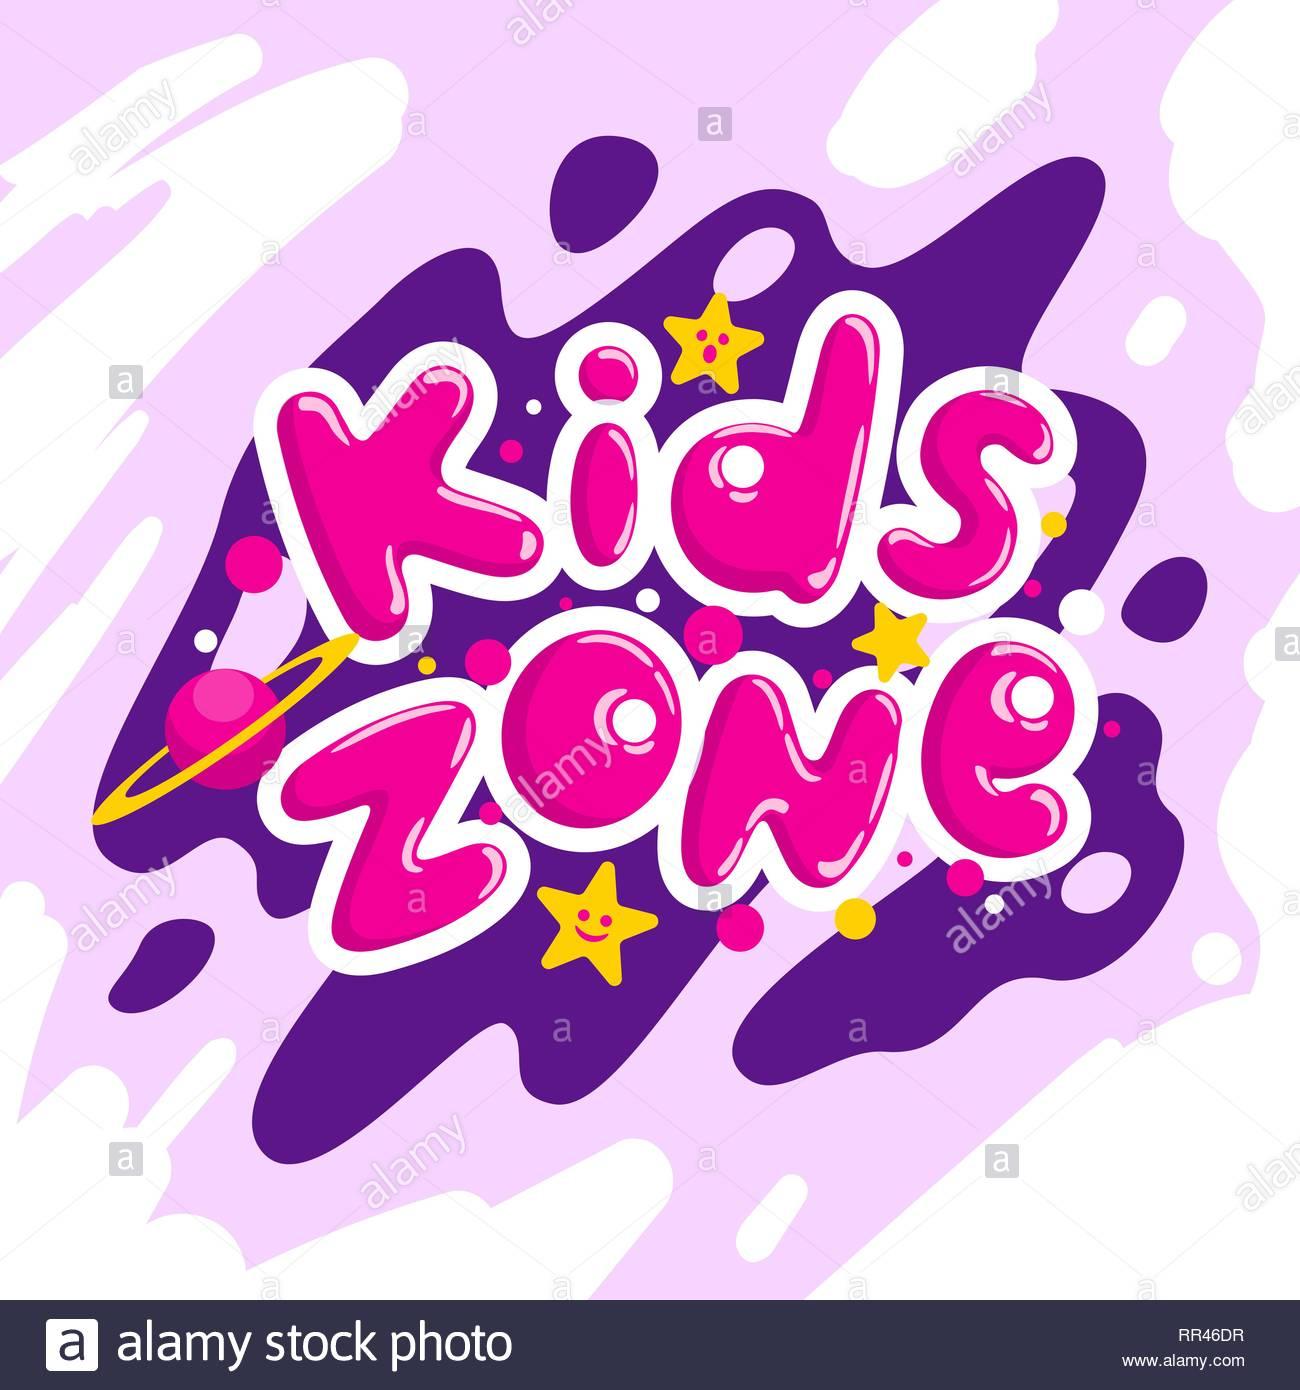 L'espace Enfants Vector Cartoon Logo. Bulle Colorée Pour Les pour Jeux De Lettres Enfants